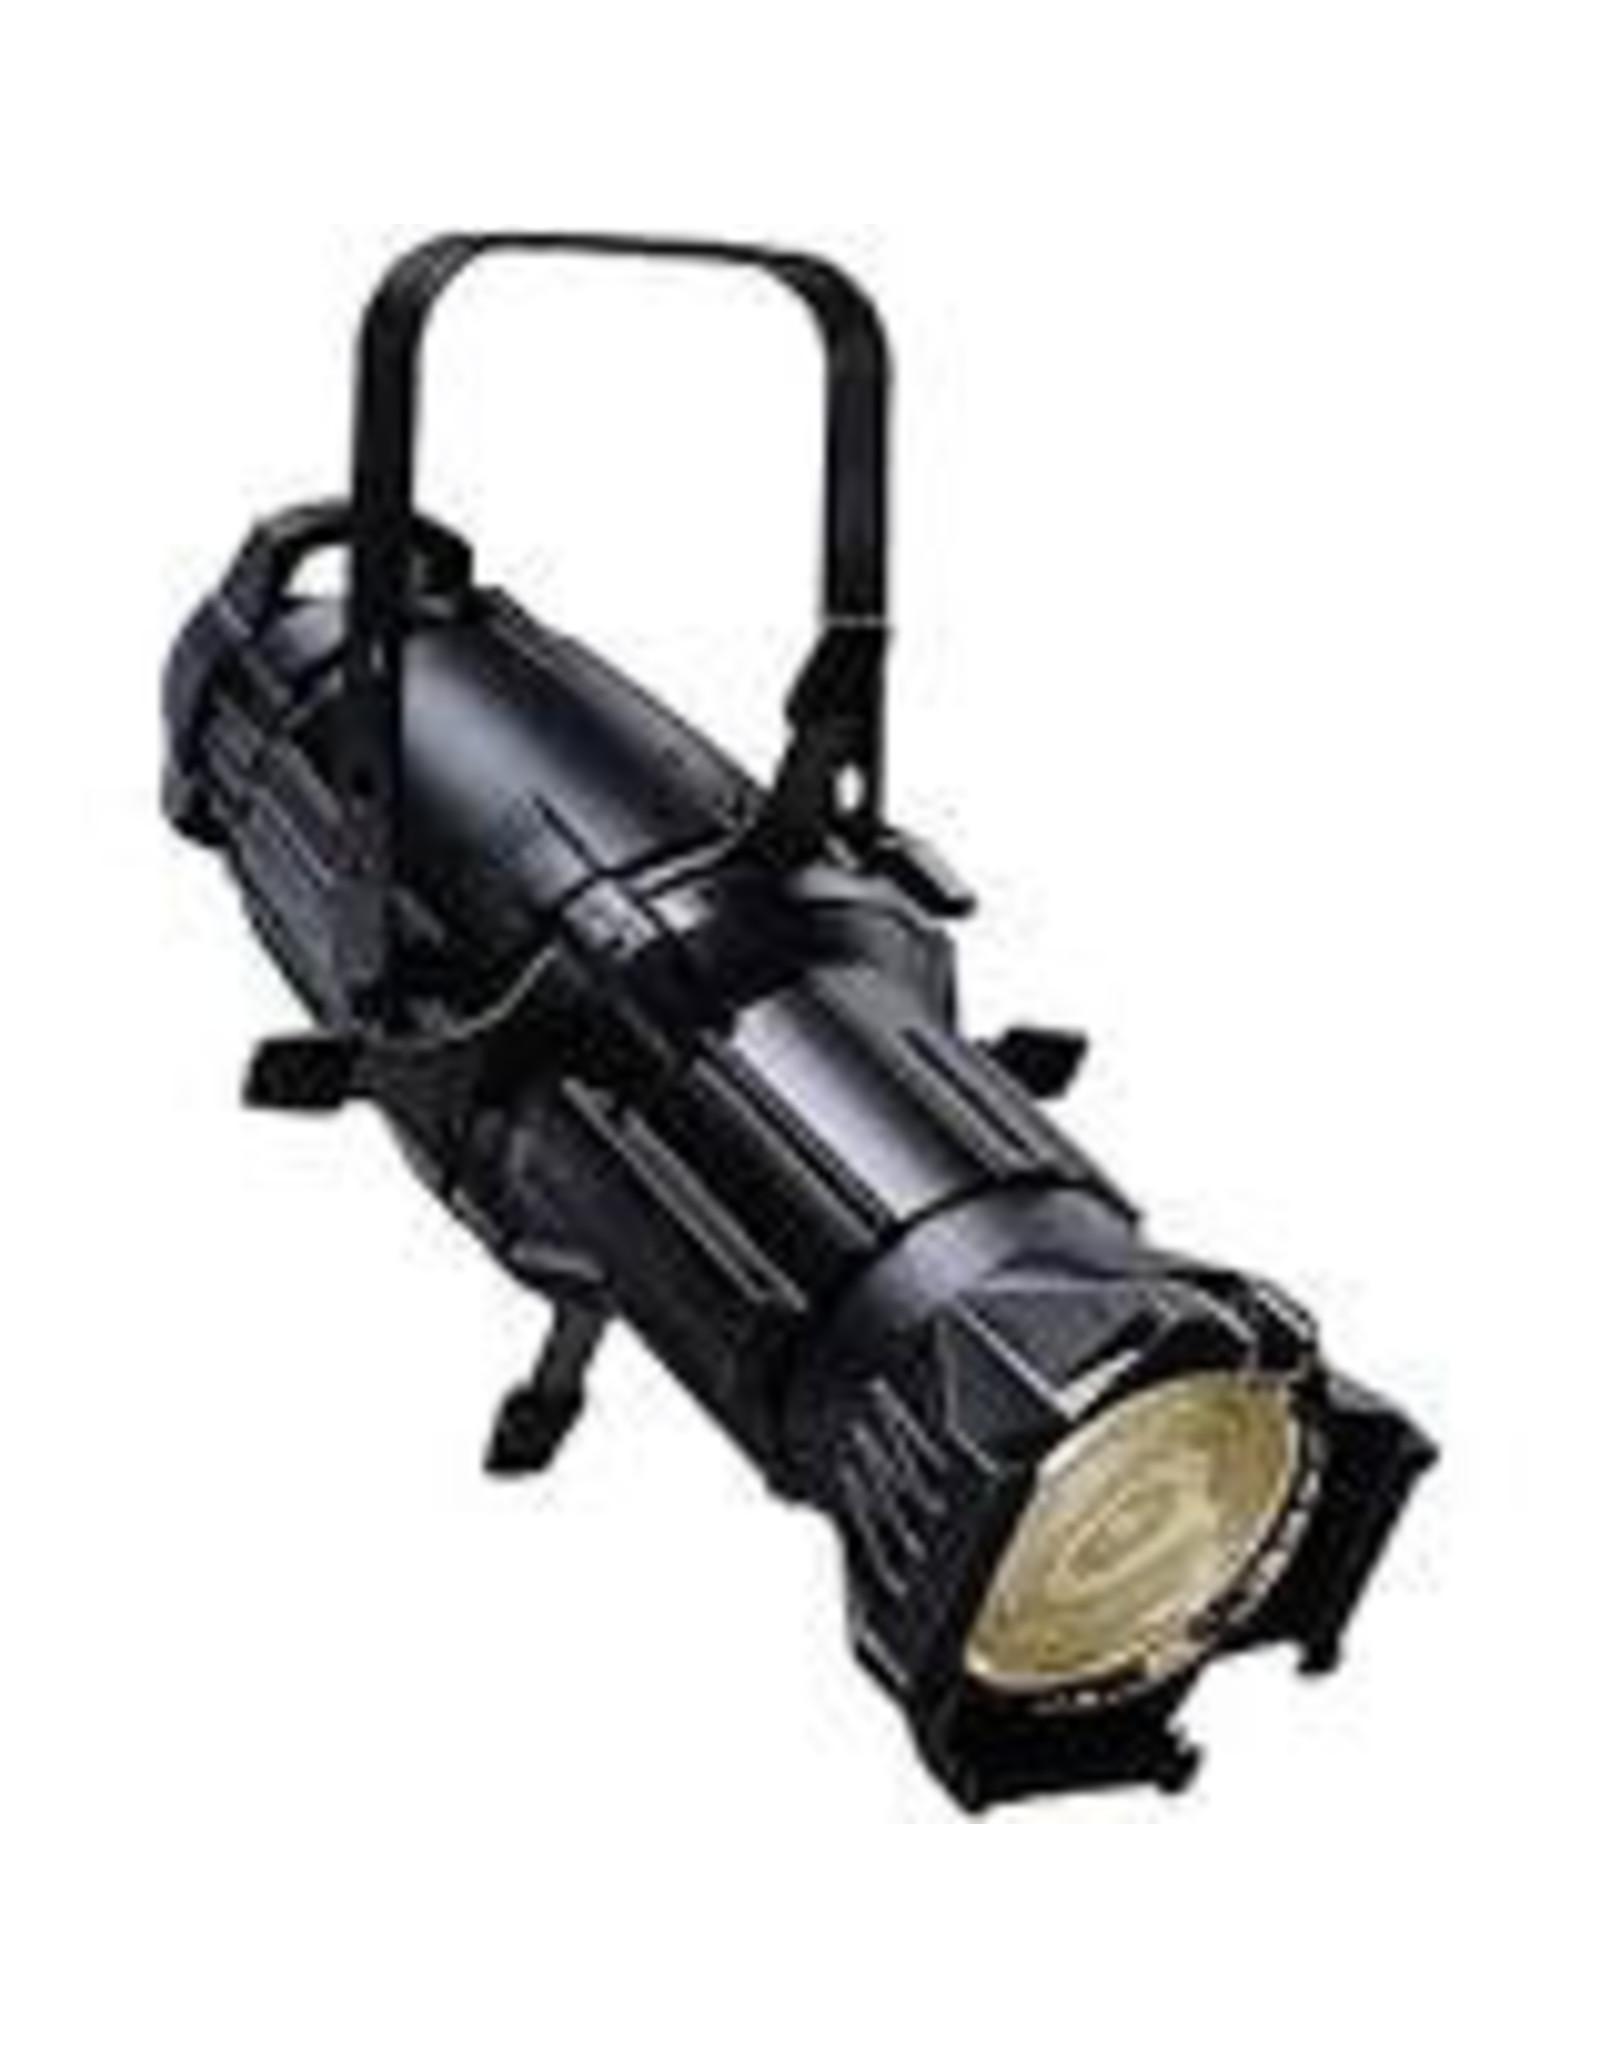 ETC Profilscheinwerfer Source Four 750W ETC 25-50 Grad